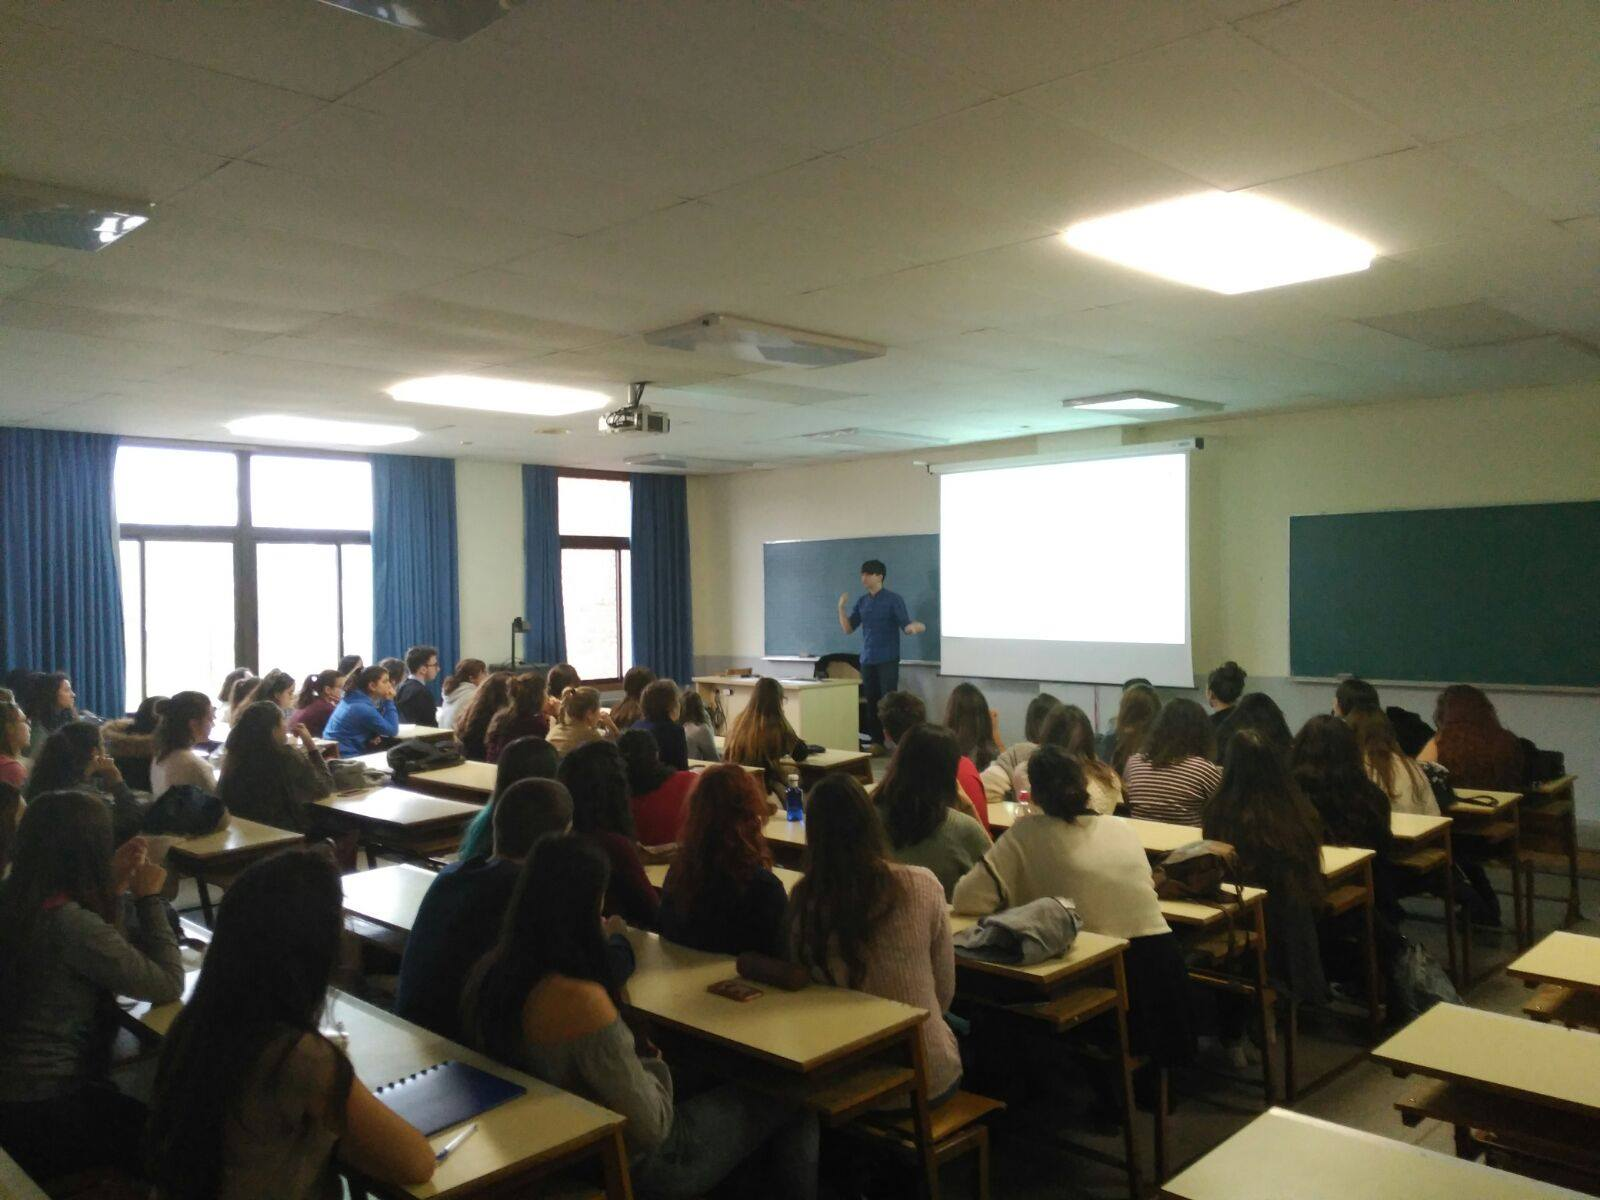 Formando a 80 alumnos de la Universidad Complutense de Madrid.